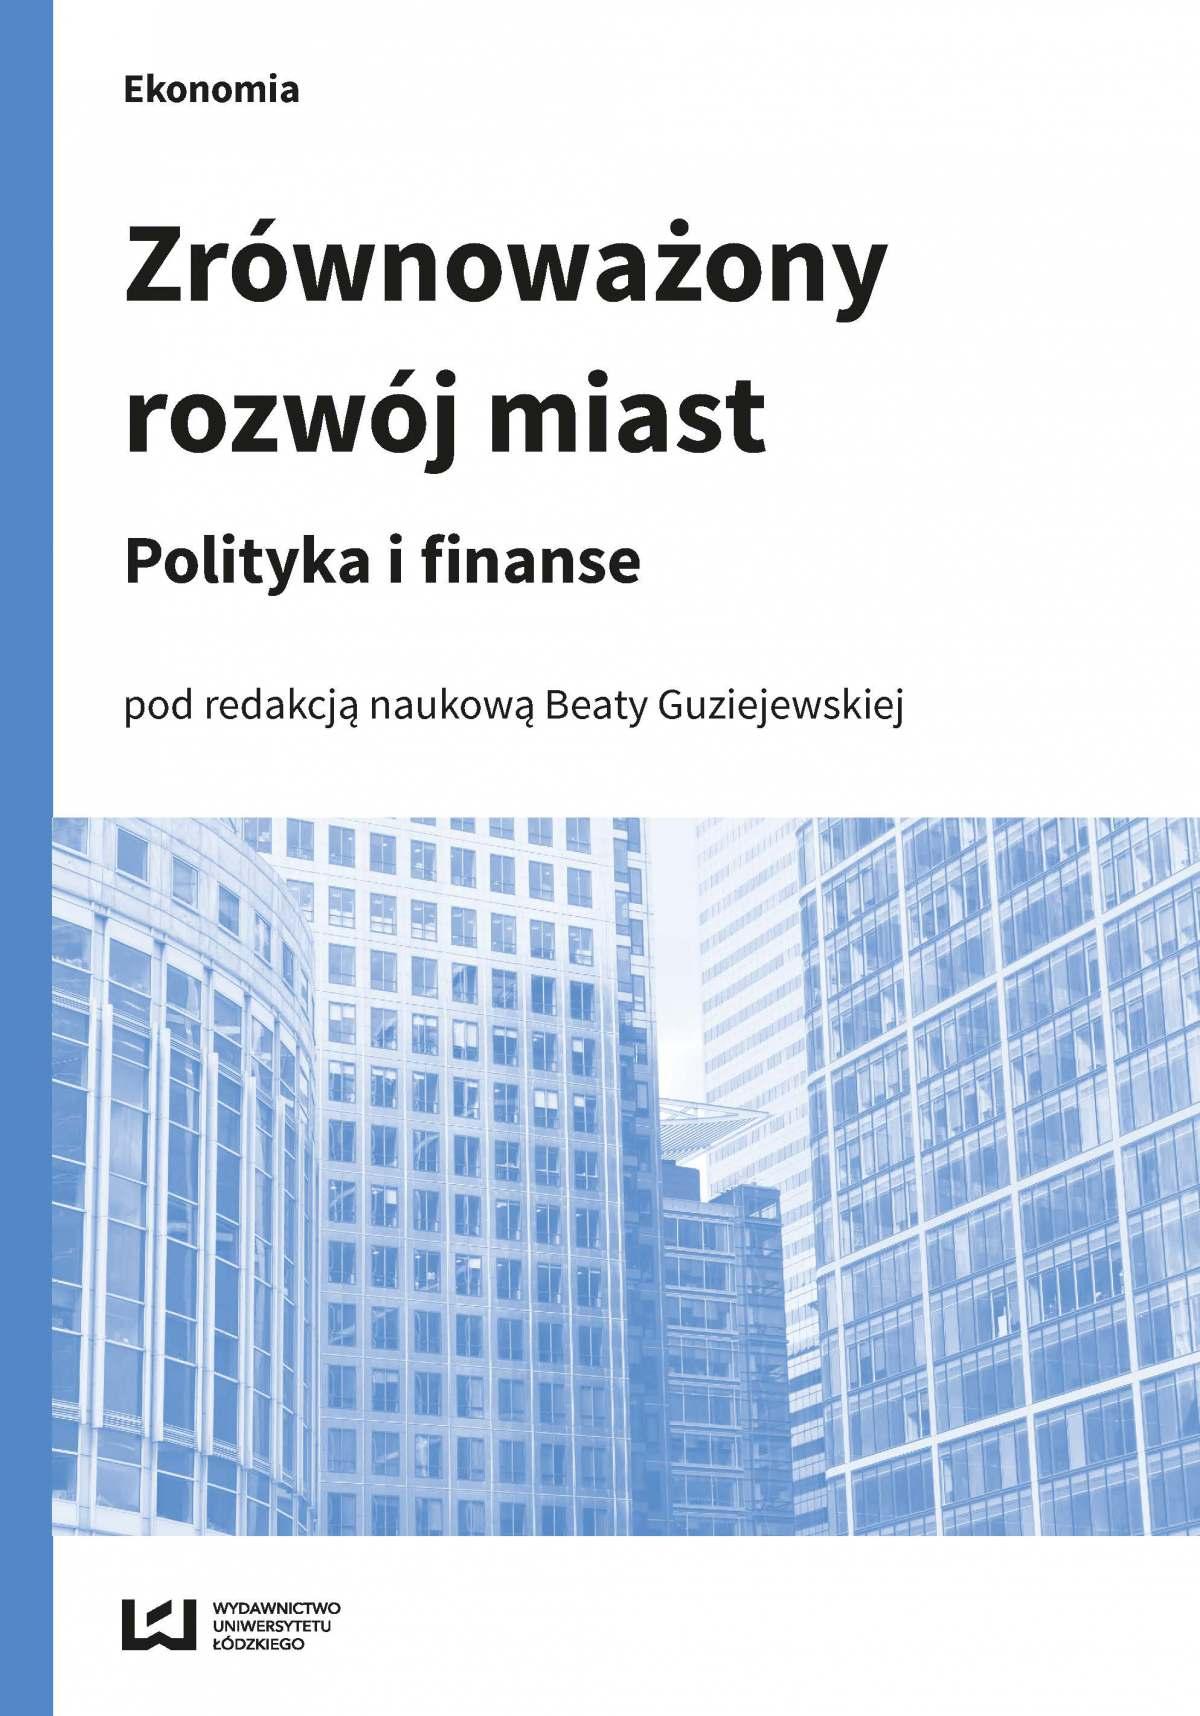 Zrównoważony rozwój miast. Polityka i finanse - Ebook (Książka PDF) do pobrania w formacie PDF